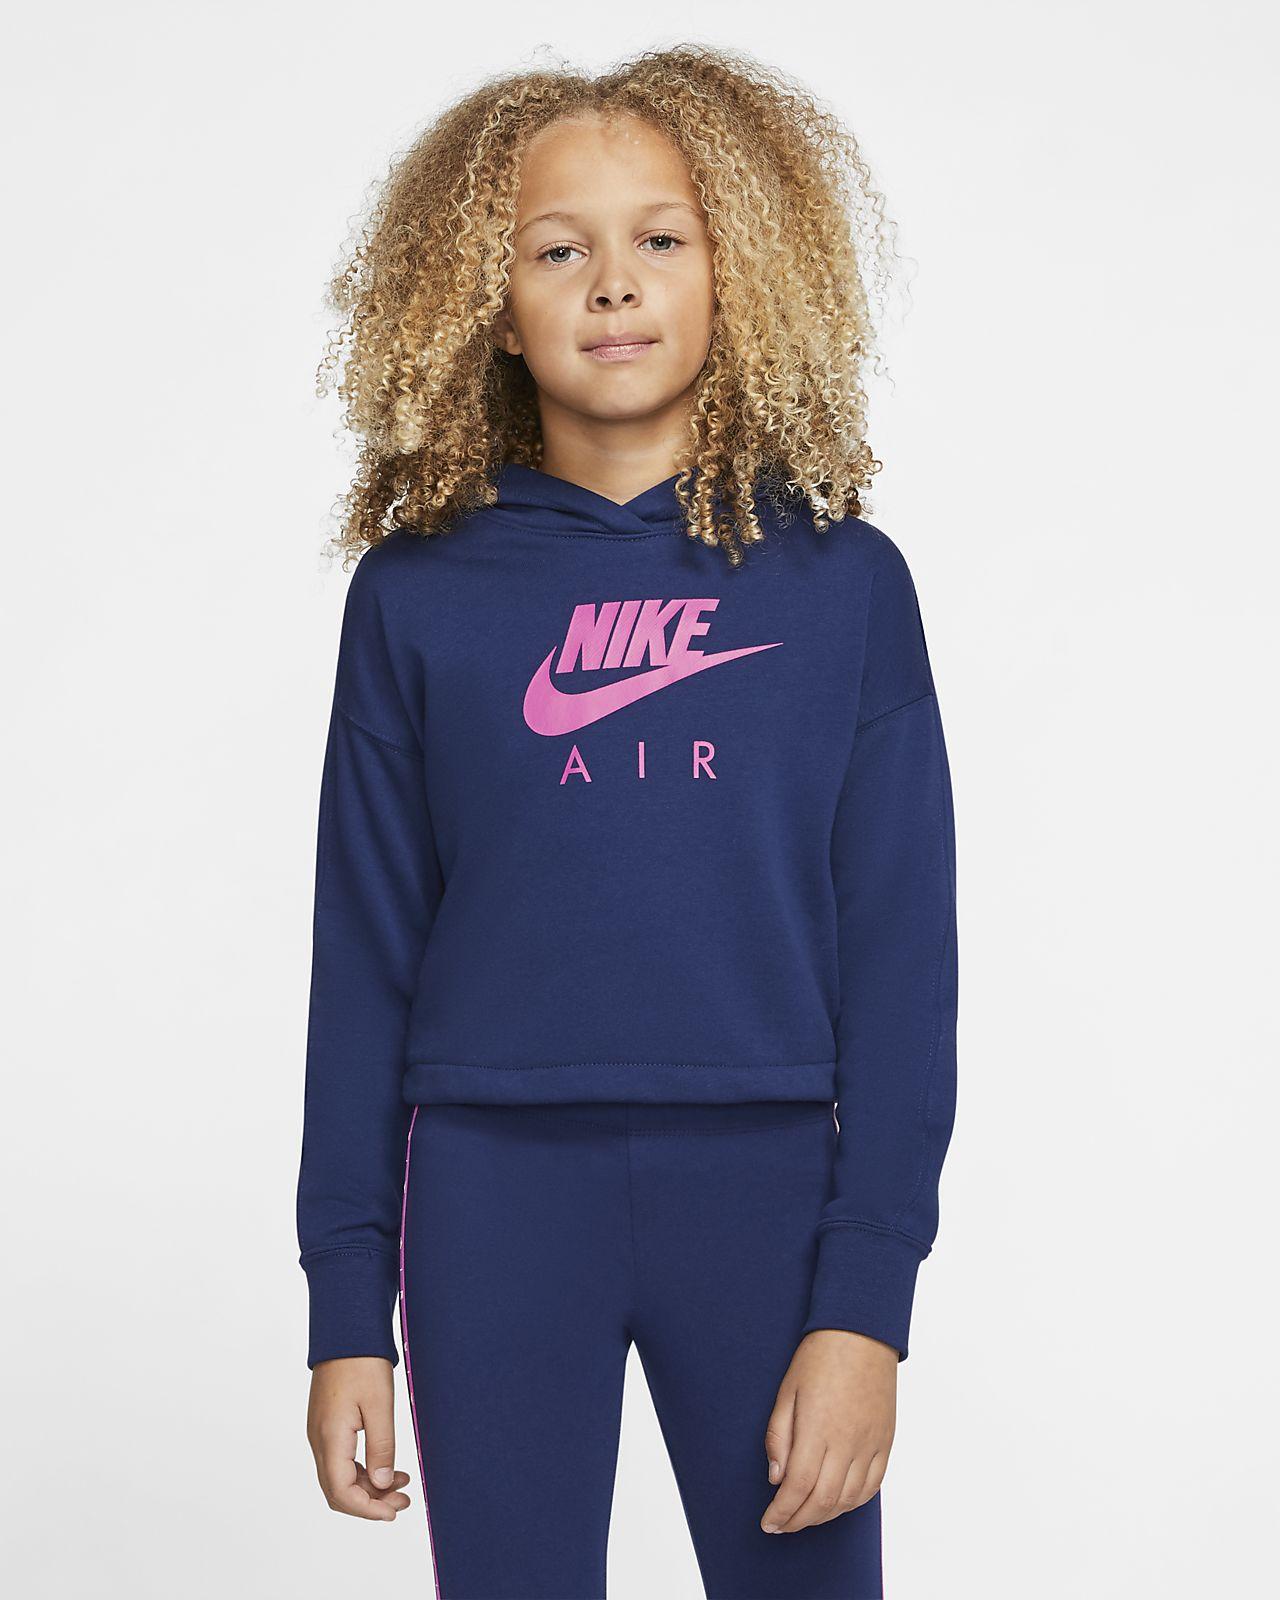 Nike Damen Jacke Women'Windfly Pants L Rosa Club Pink